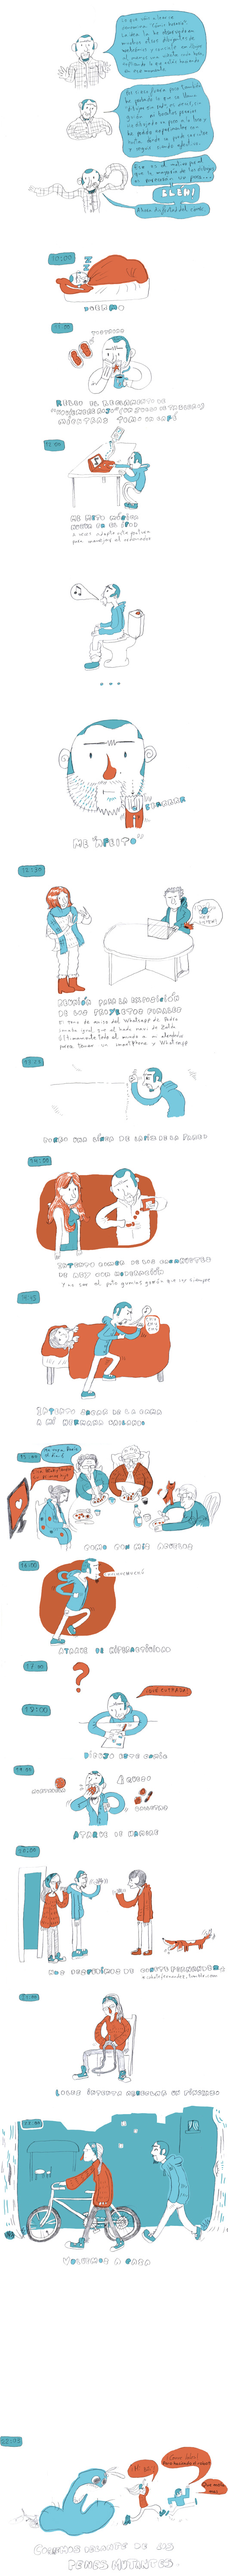 Comic horario 18/01/2012